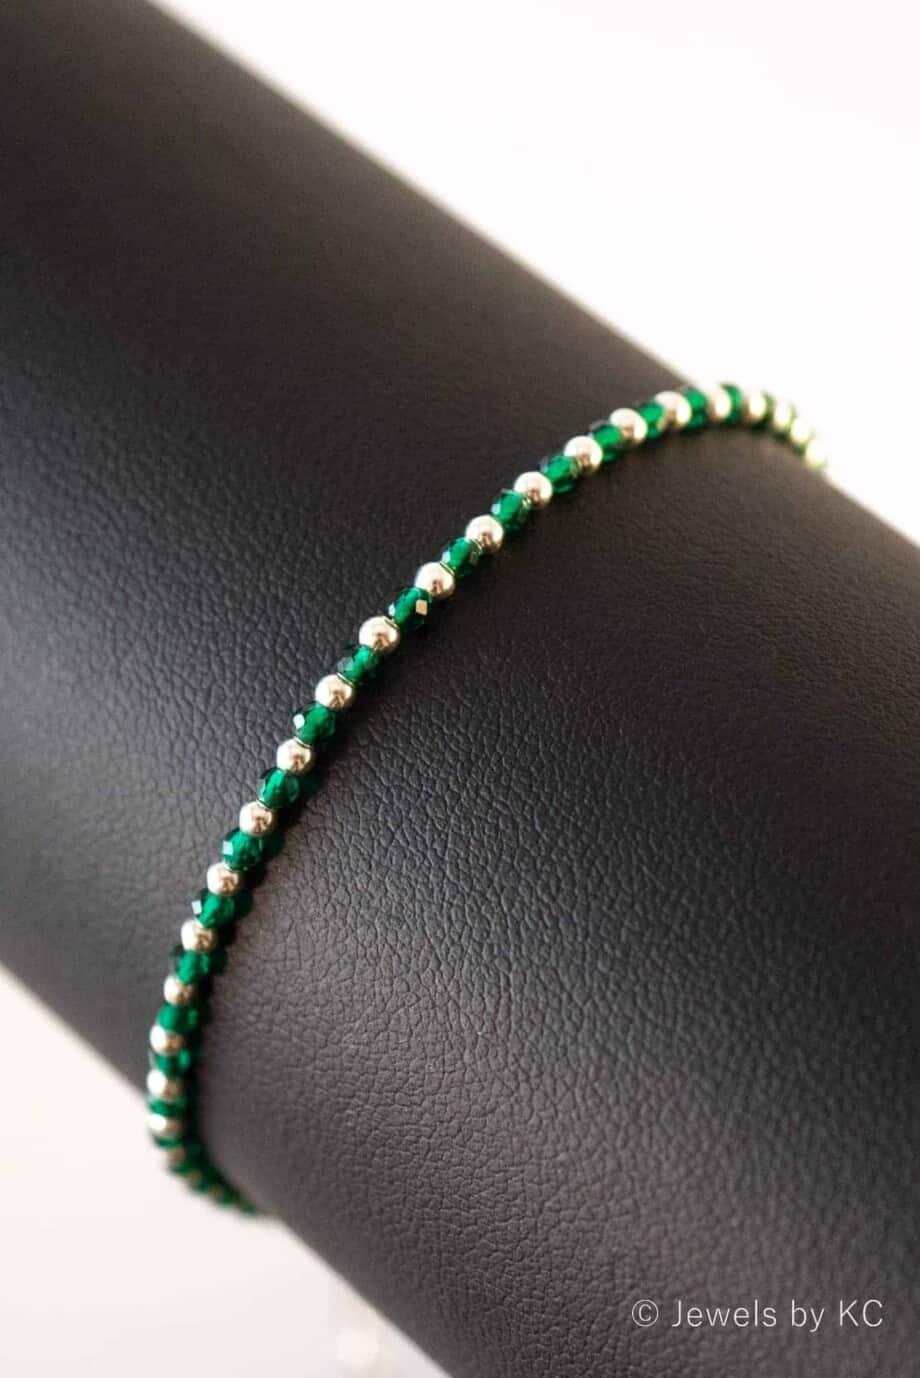 Handgemaakte Zilveren edelsteen armband met groene Spinel van Sterling Zilver